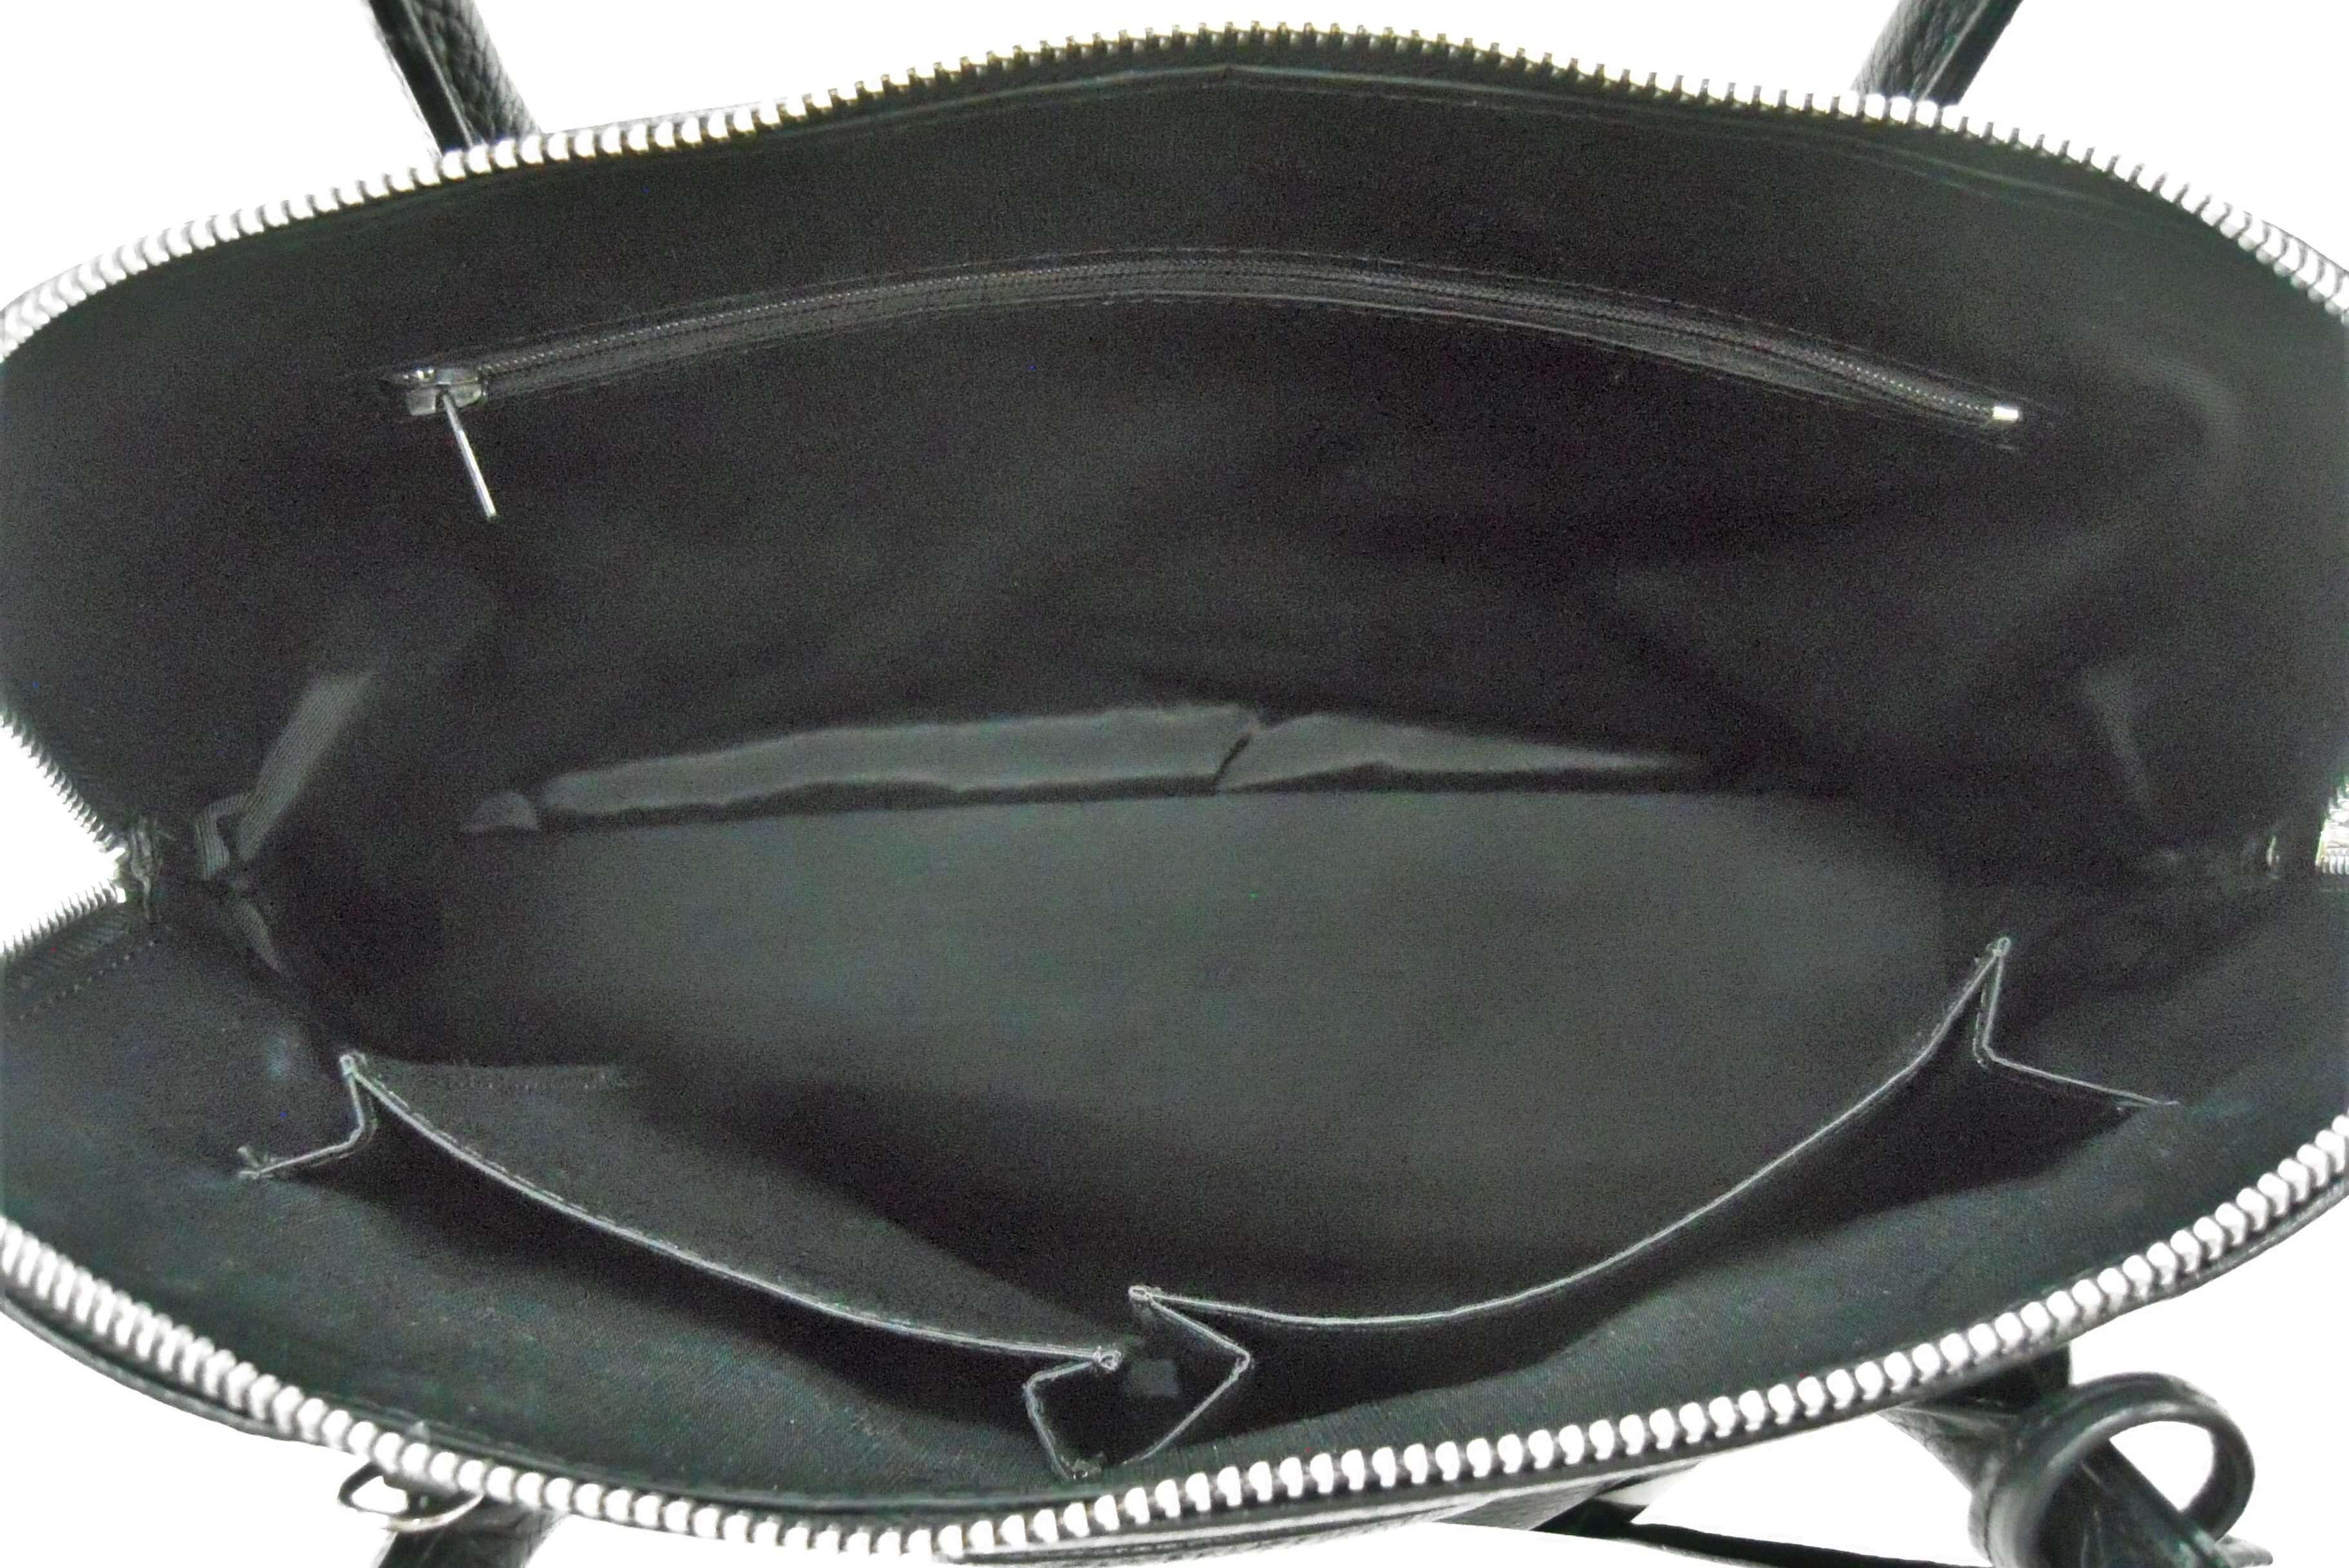 ノーブランド ボリード風のバッグの内側交換とポケットサイズ変更|<p>合皮の内張りがボロボロになってしまったため布地で張り替え。一旦全て解体し型紙から作製しますので、ついでにスマホが入るようにポケットのサイズ変更も行いました。</p>